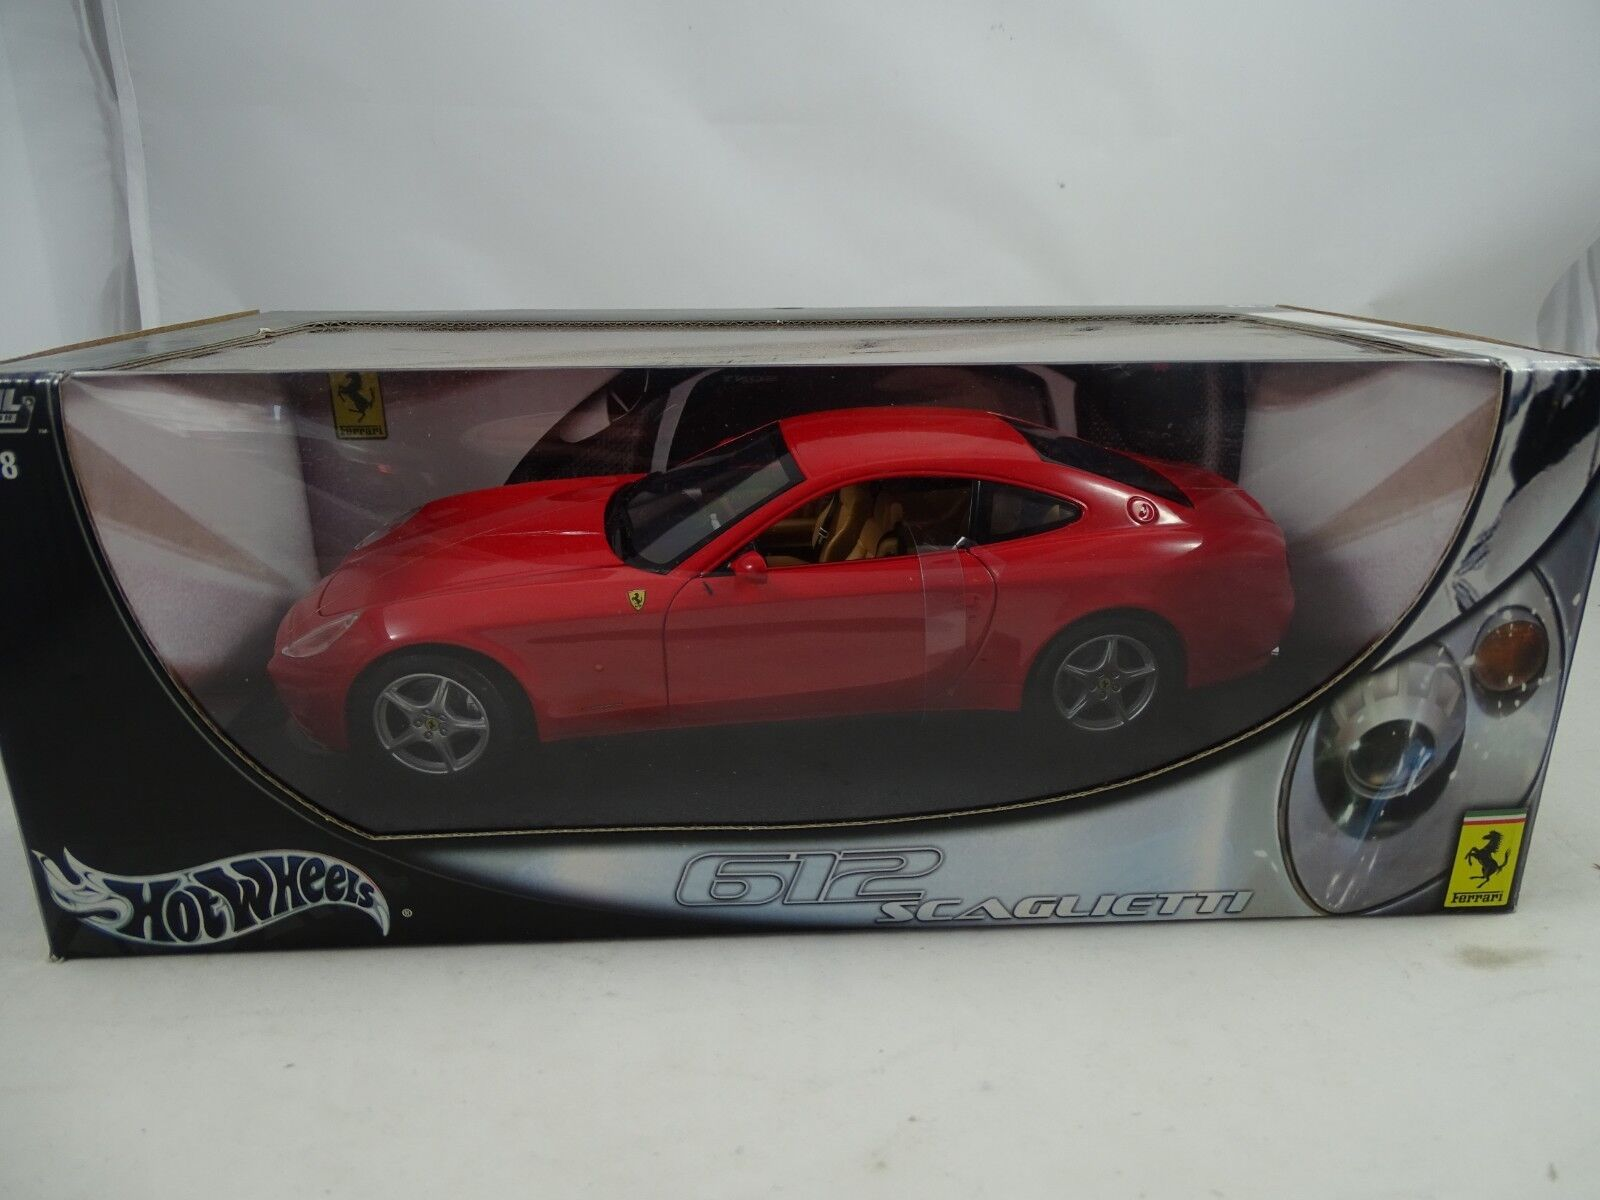 1 18 Hot Wheels  b6047 ferrari 612 Scaglietti rosso-rareza §